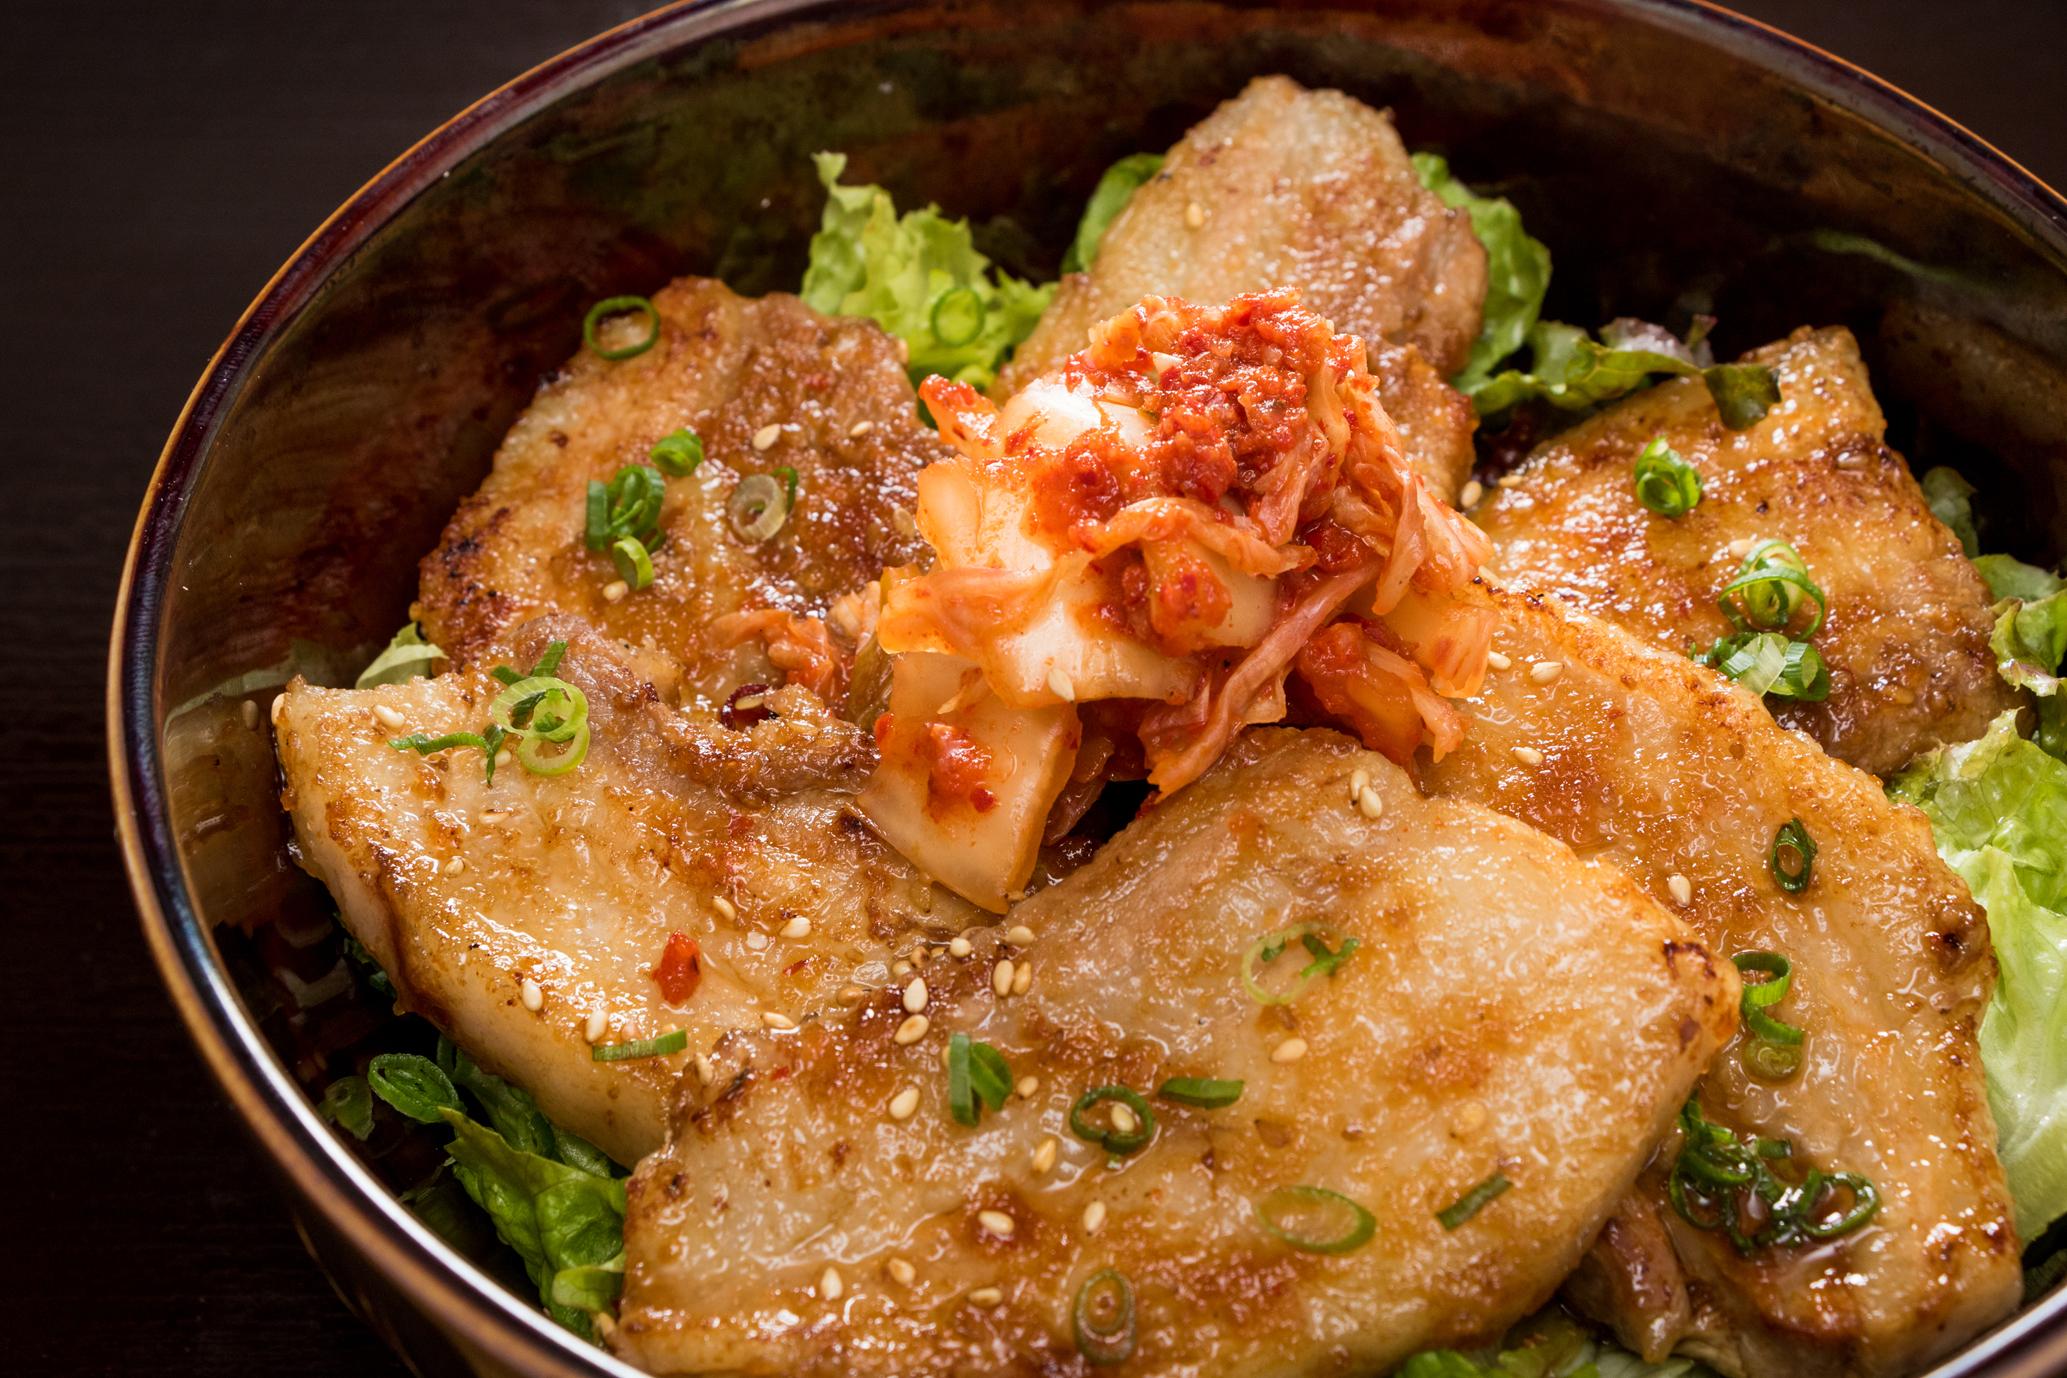 韓国熟成焼肉コギヤが2017年7月からスタート致します。